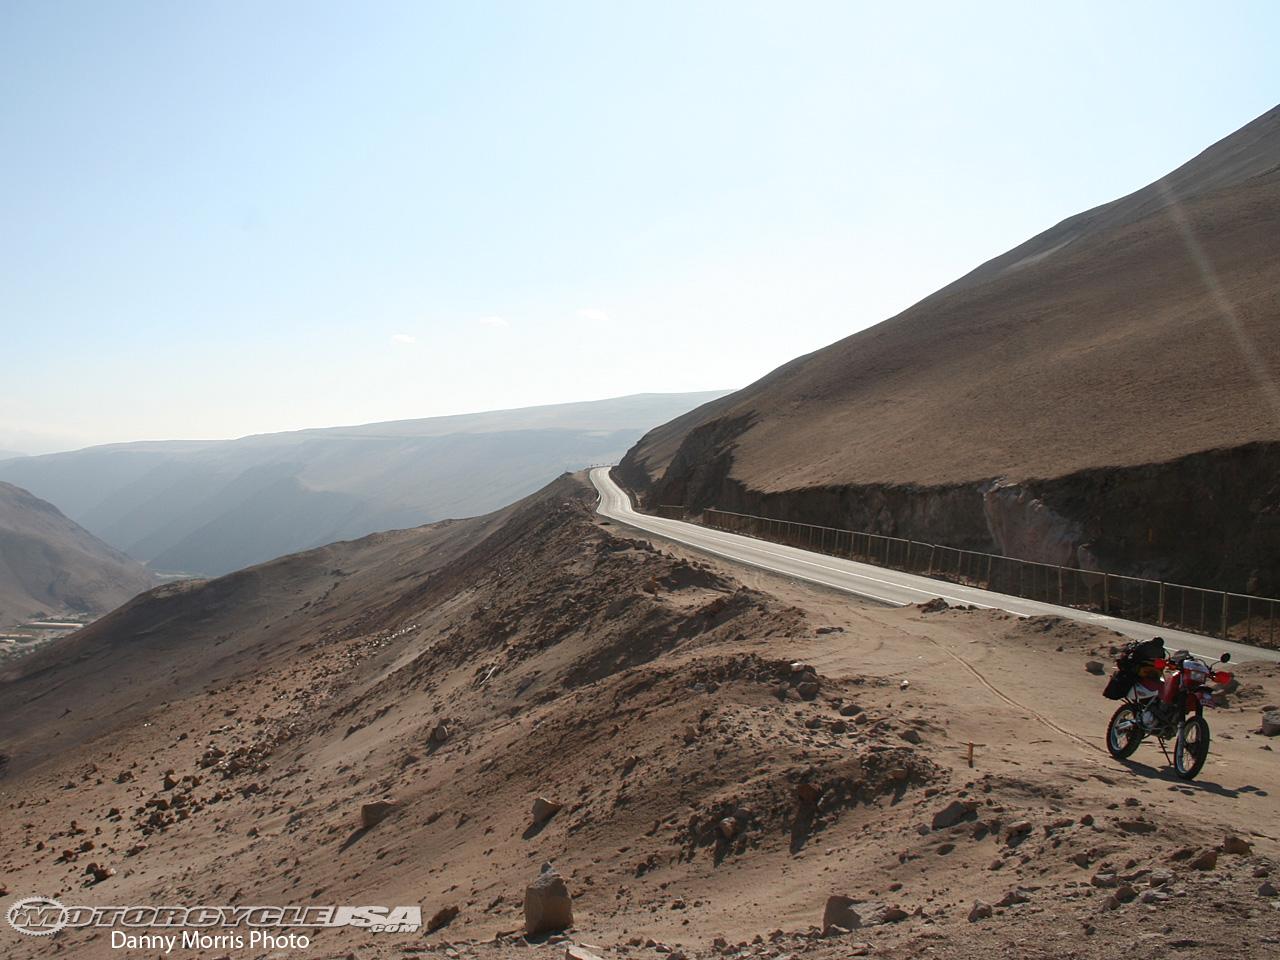 Dangerous roads in Chile